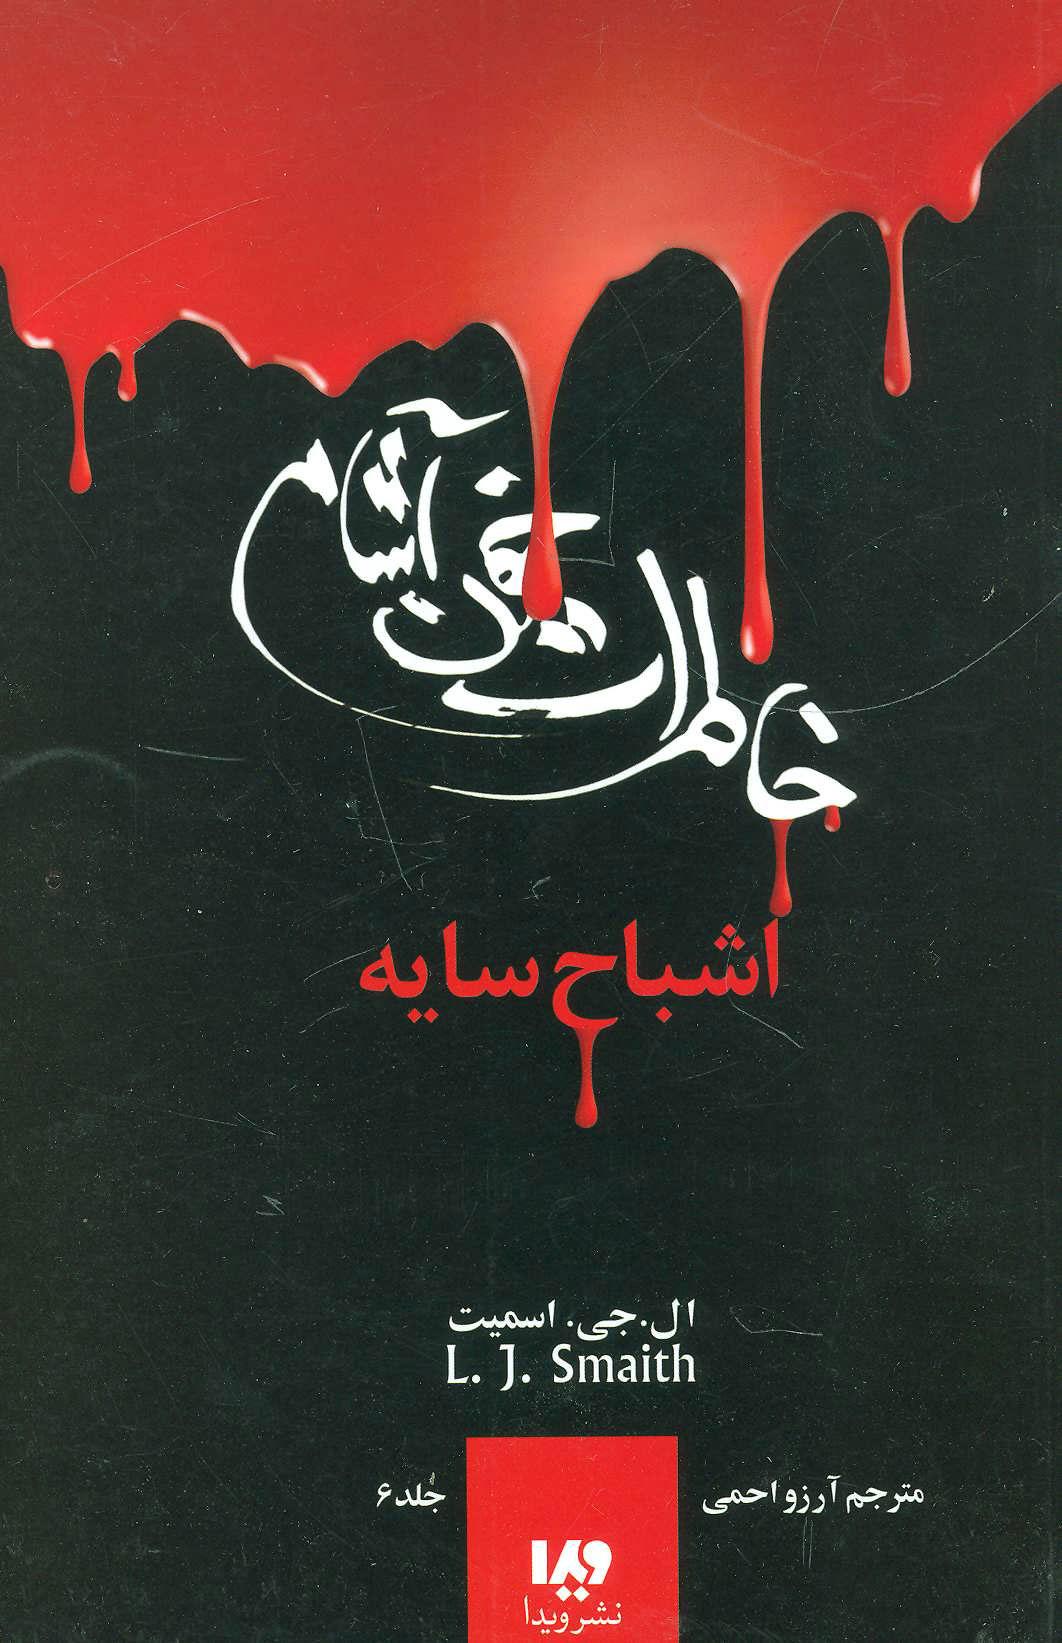 کتاب خاطرات خون آشام 6